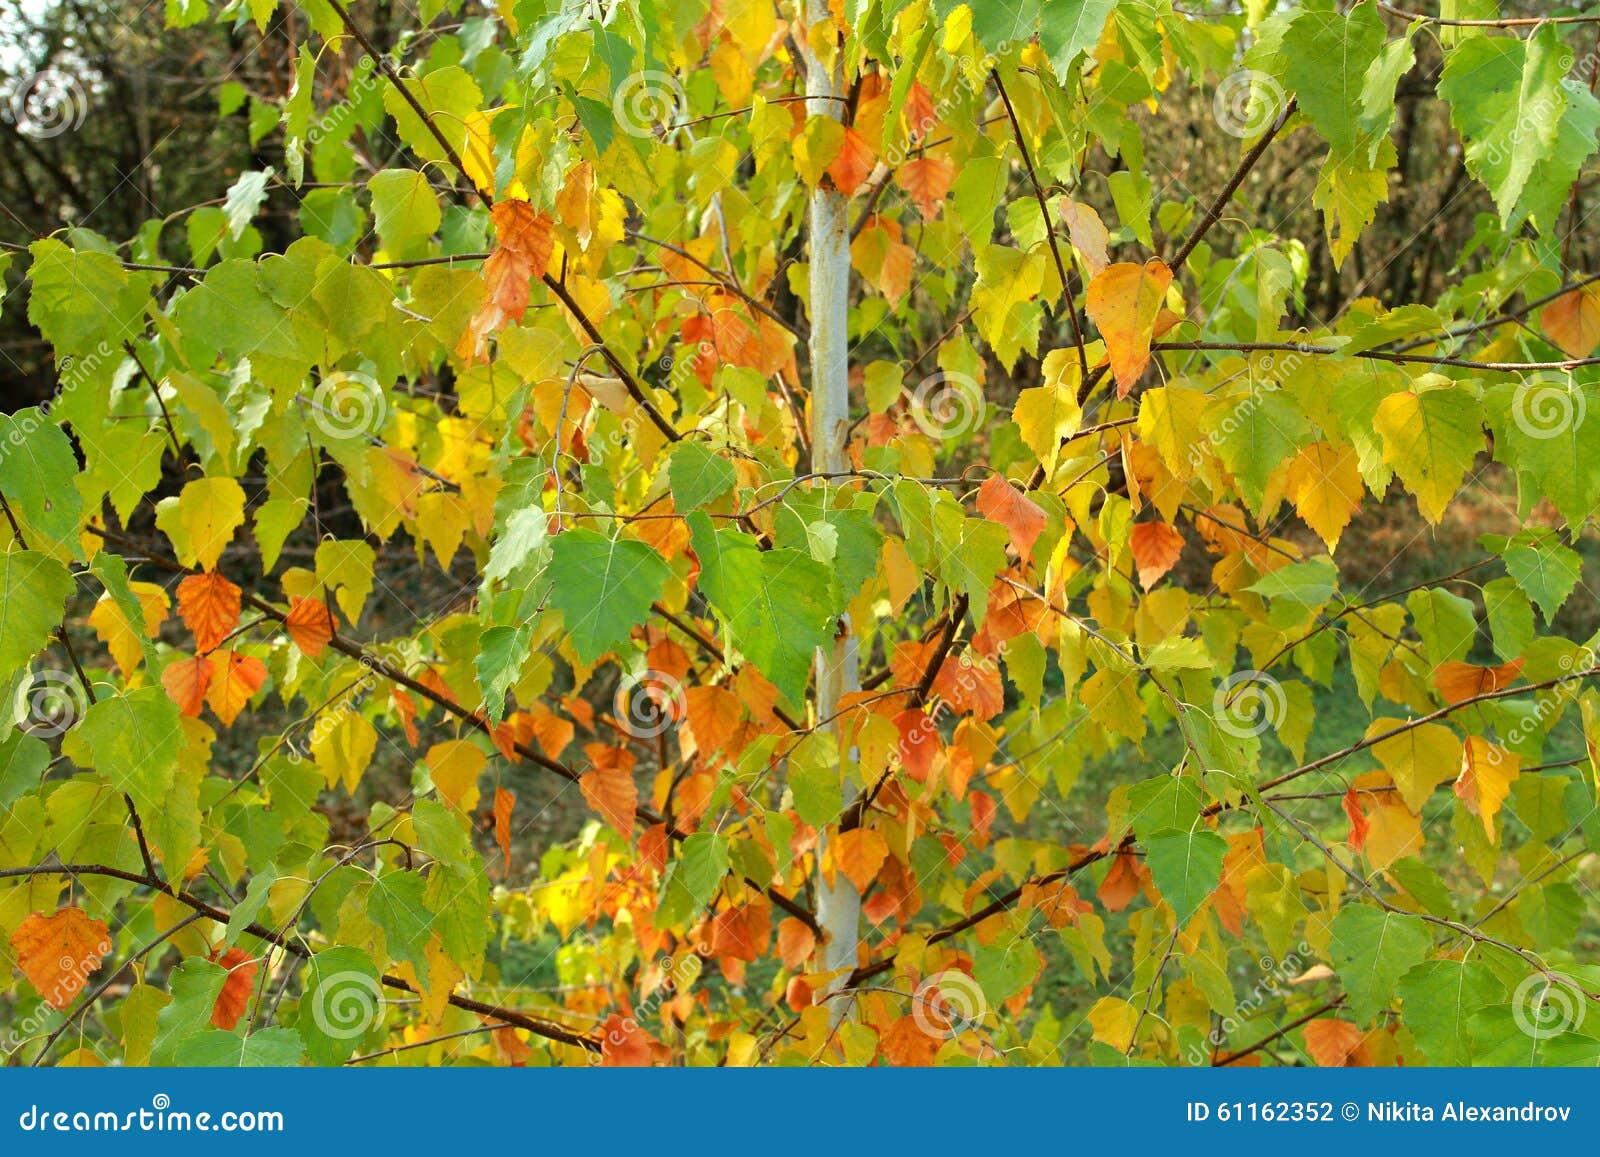 Jeune arbre de bouleau avec les feuilles rouges jaunes et - Feuille de bouleau photo ...